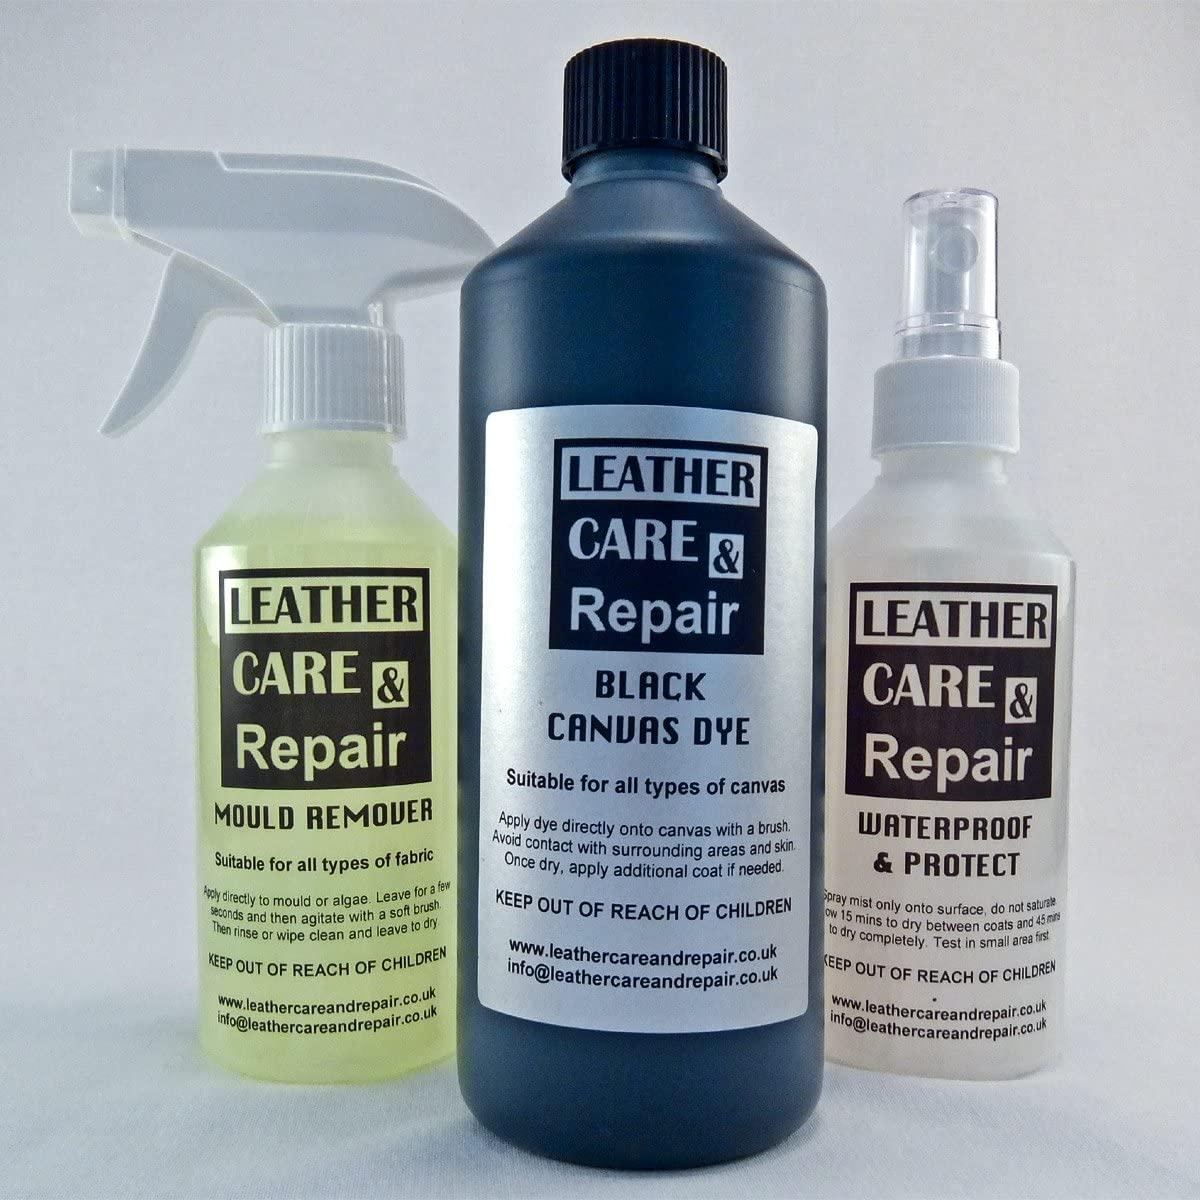 Leather Care & Repair CANVAS HOOD MOULD CLEANER, 500ml DYE/RESTORER & WATERPROOFER KIT